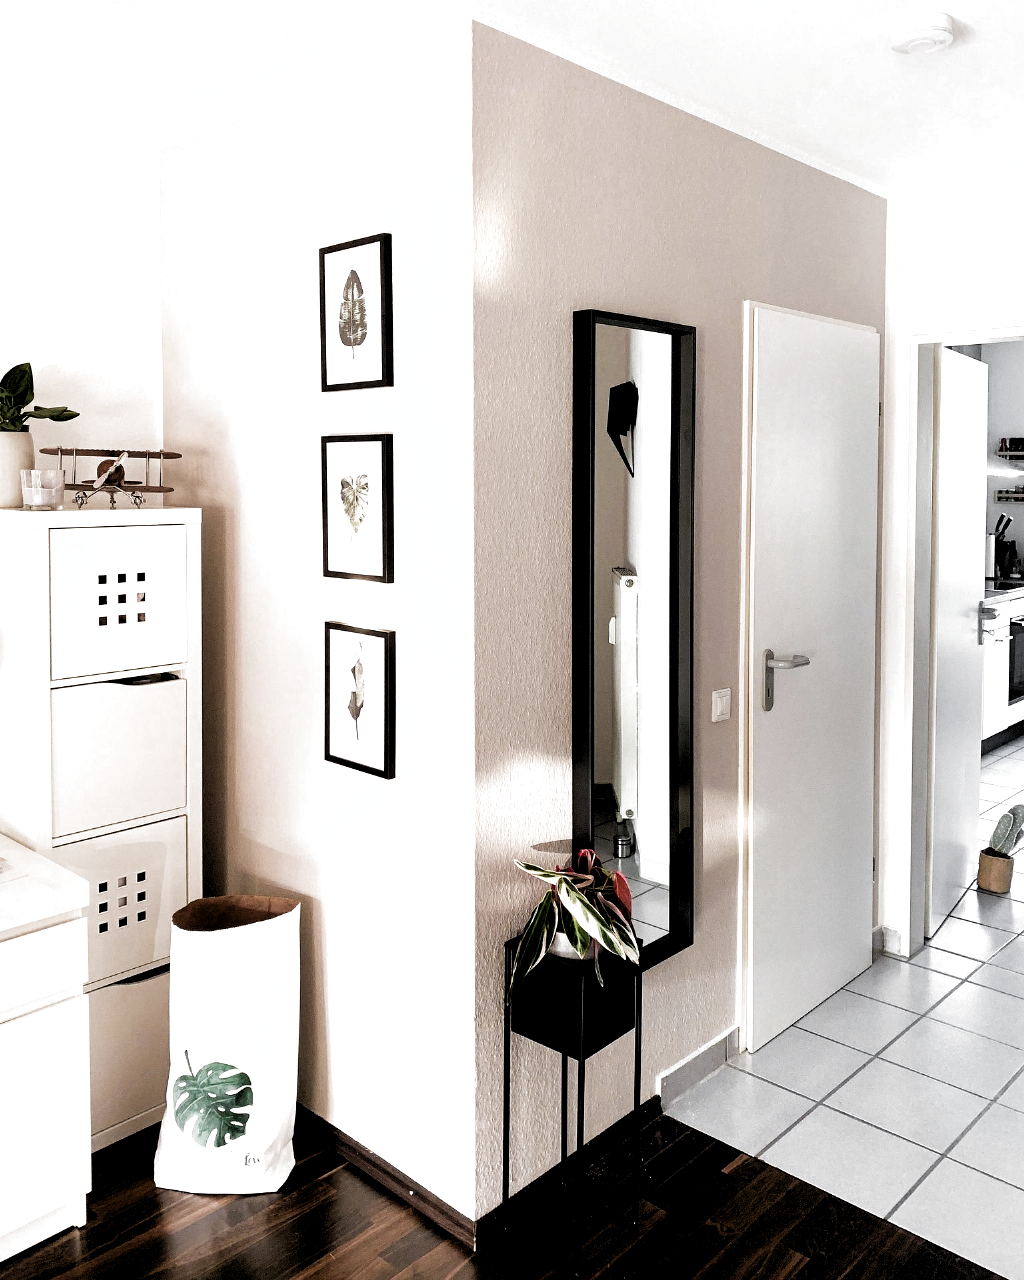 Sunlight Flur Eingangsbereich Spiegel Garderobe Plantbox Dekorierenflur Eingangsbereich Flur Garderobe Plantbox Spieg In 2020 Mirror Interior Home Decor